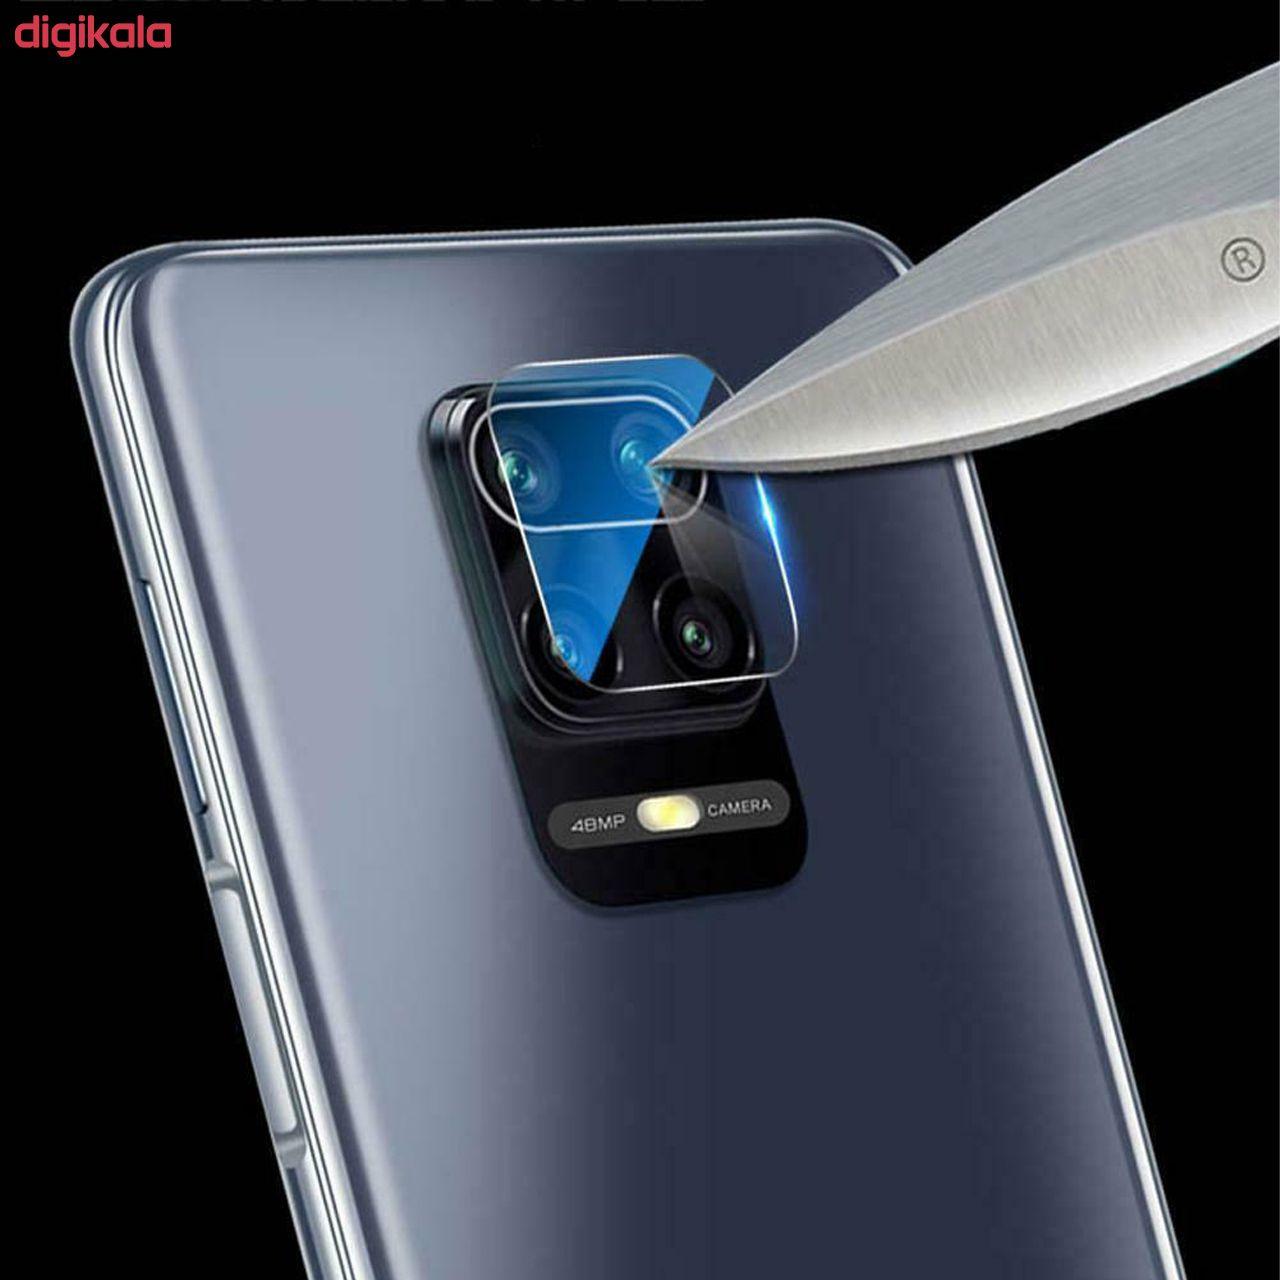 محافظ لنز دوربین سیحان مدل GLP مناسب برای گوشی موبایل شیائومی Redmi Note 9 / 9pro / 9pro max main 1 3